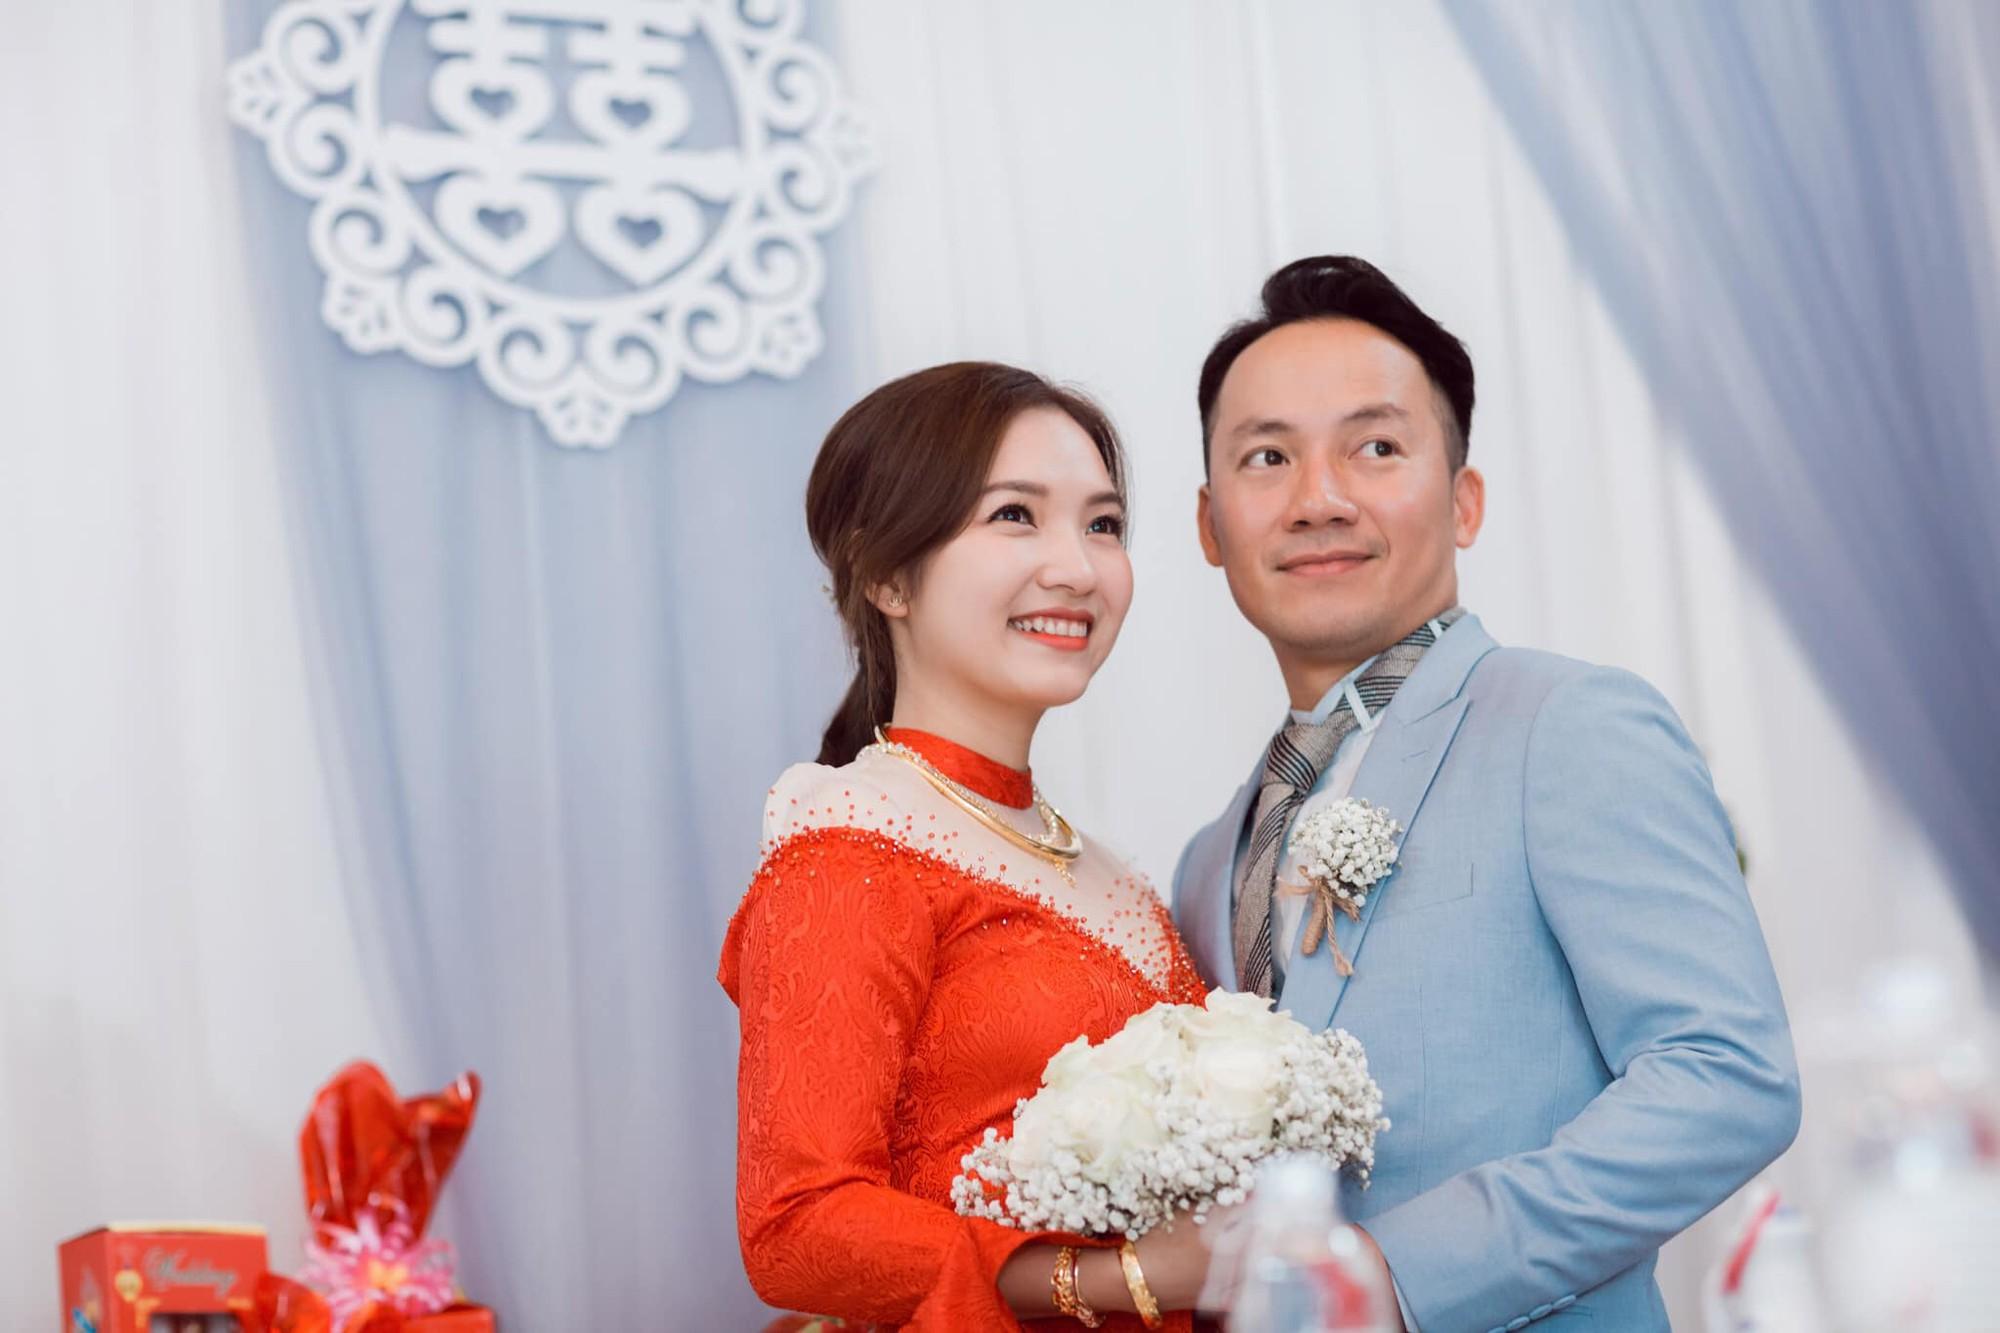 Chưa hết 1 tháng đầu năm 2019, showbiz Việt đã rộn ràng đón nhận liên tiếp 7 tin báo hỷ - Ảnh 16.